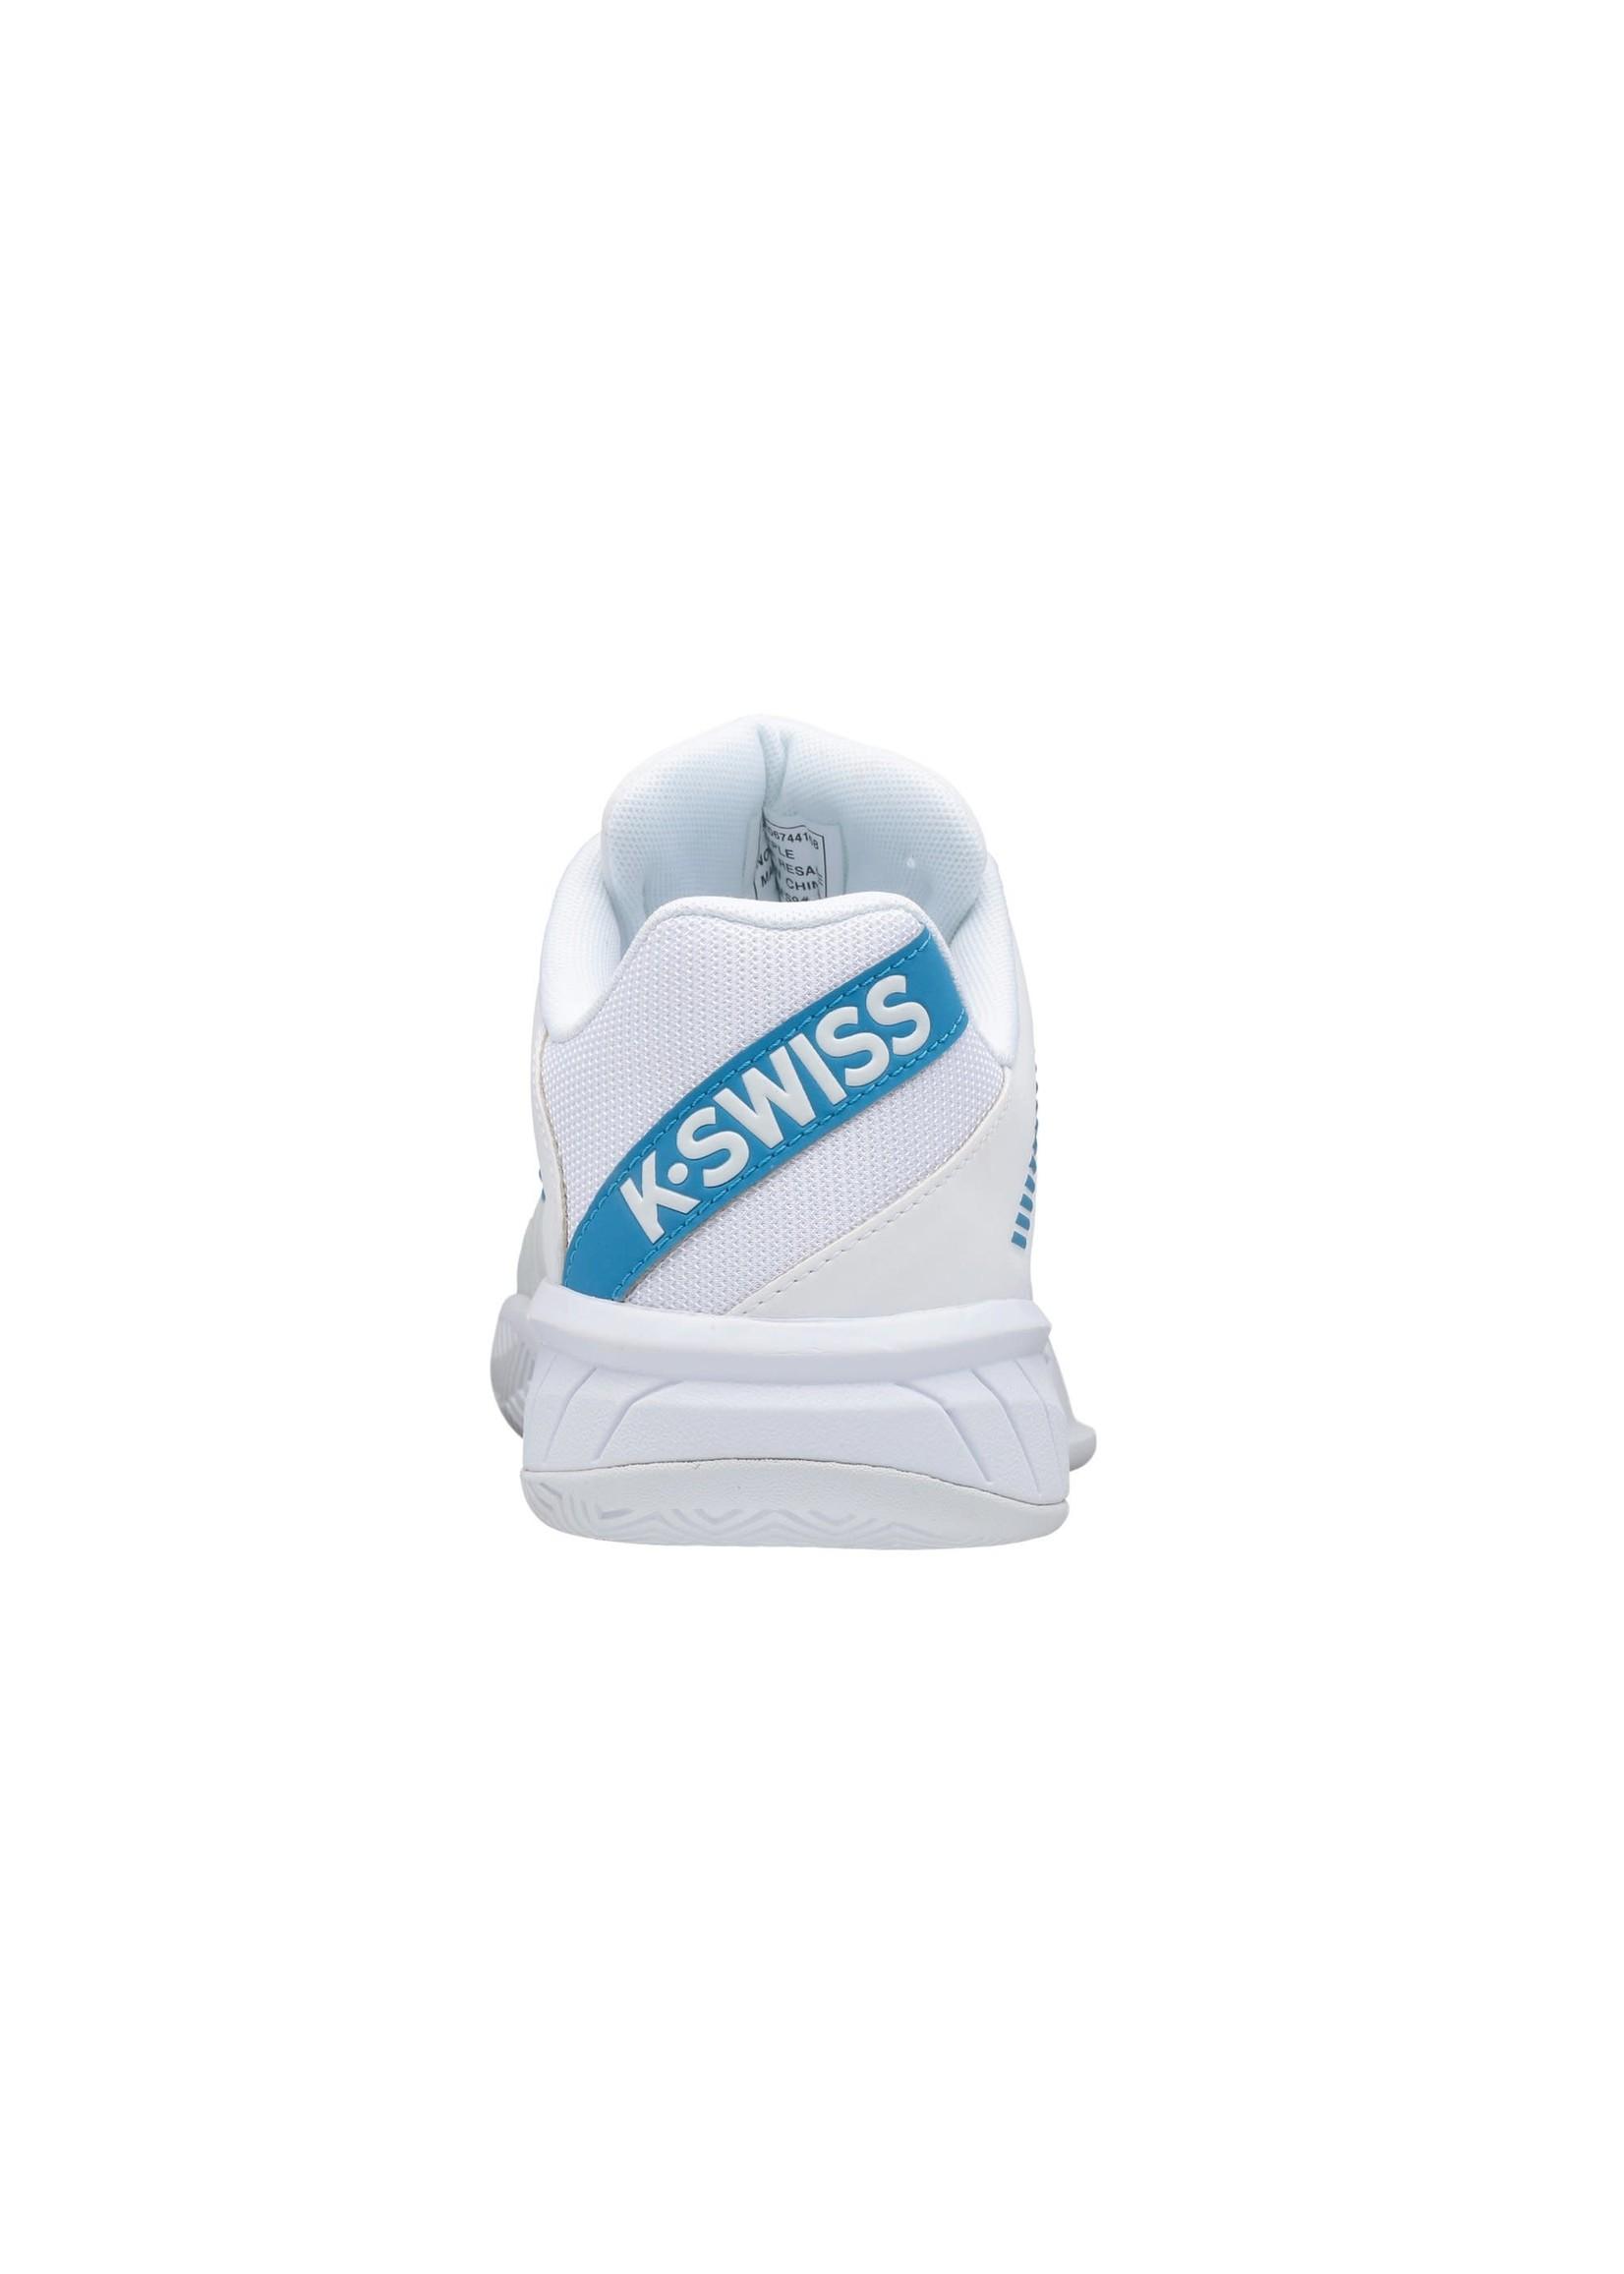 K Swiss K-Swiss Express Light Men's Tennis Shoe 2021